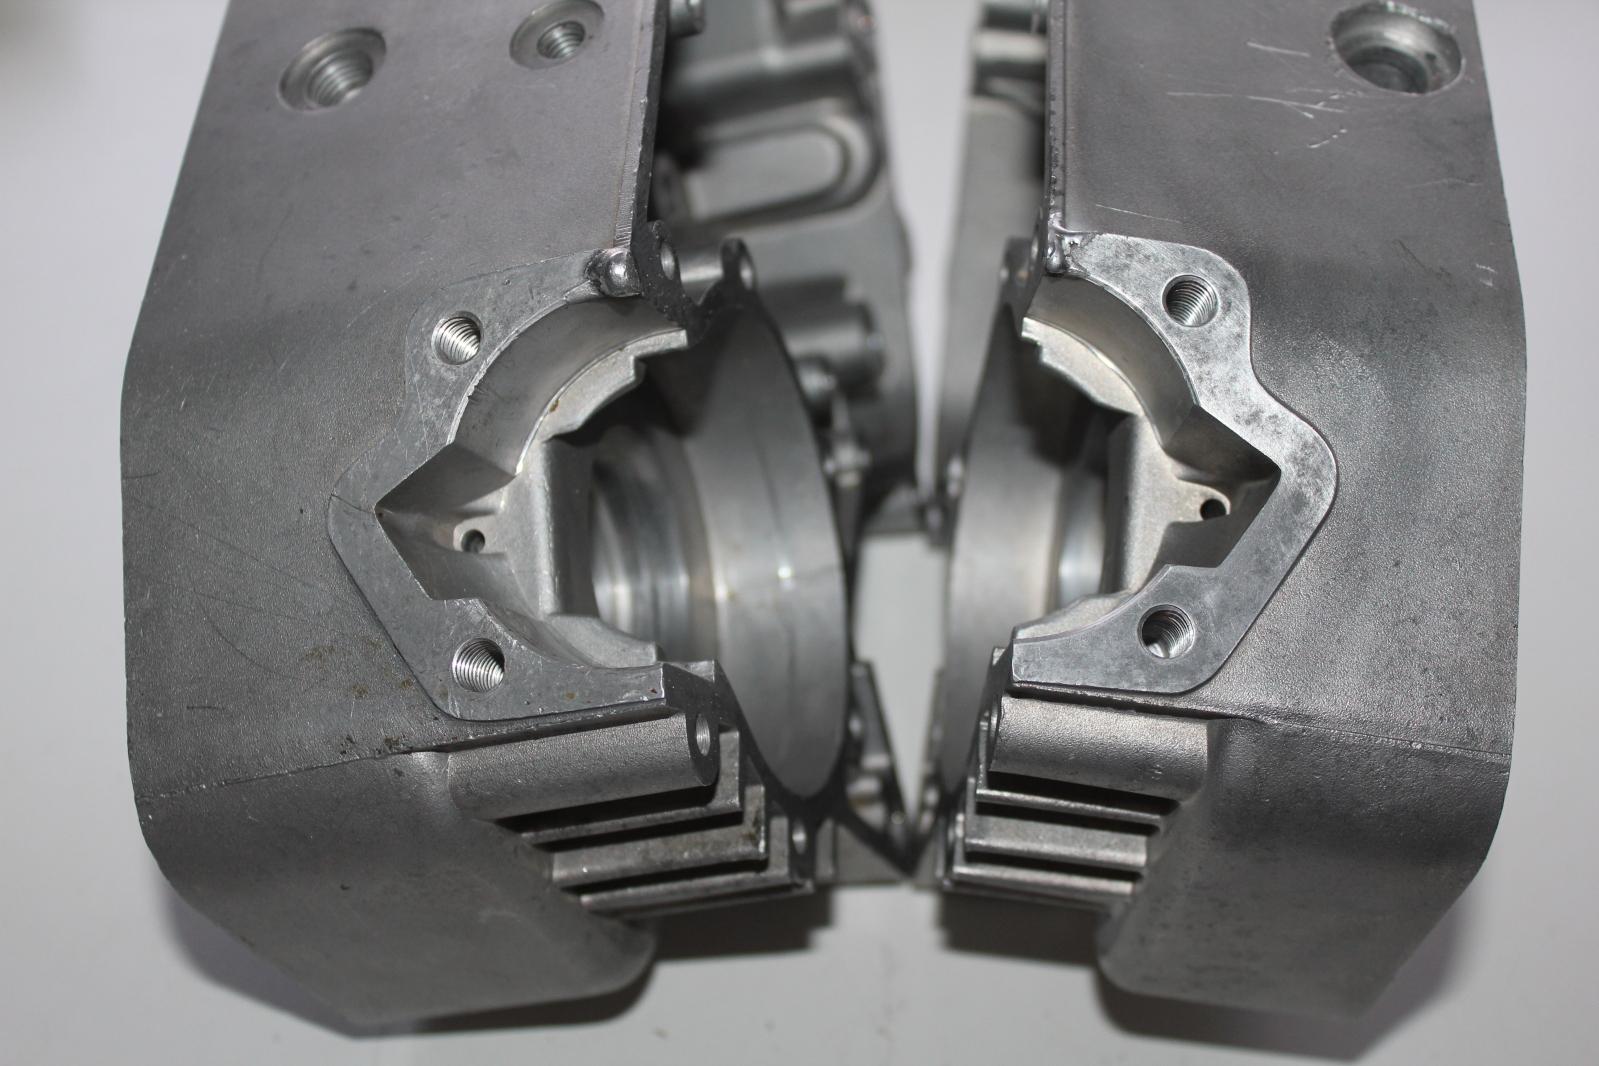 Mejoras en motores P3 P4 RV4 DL P6 K6... - Página 3 14c8wic